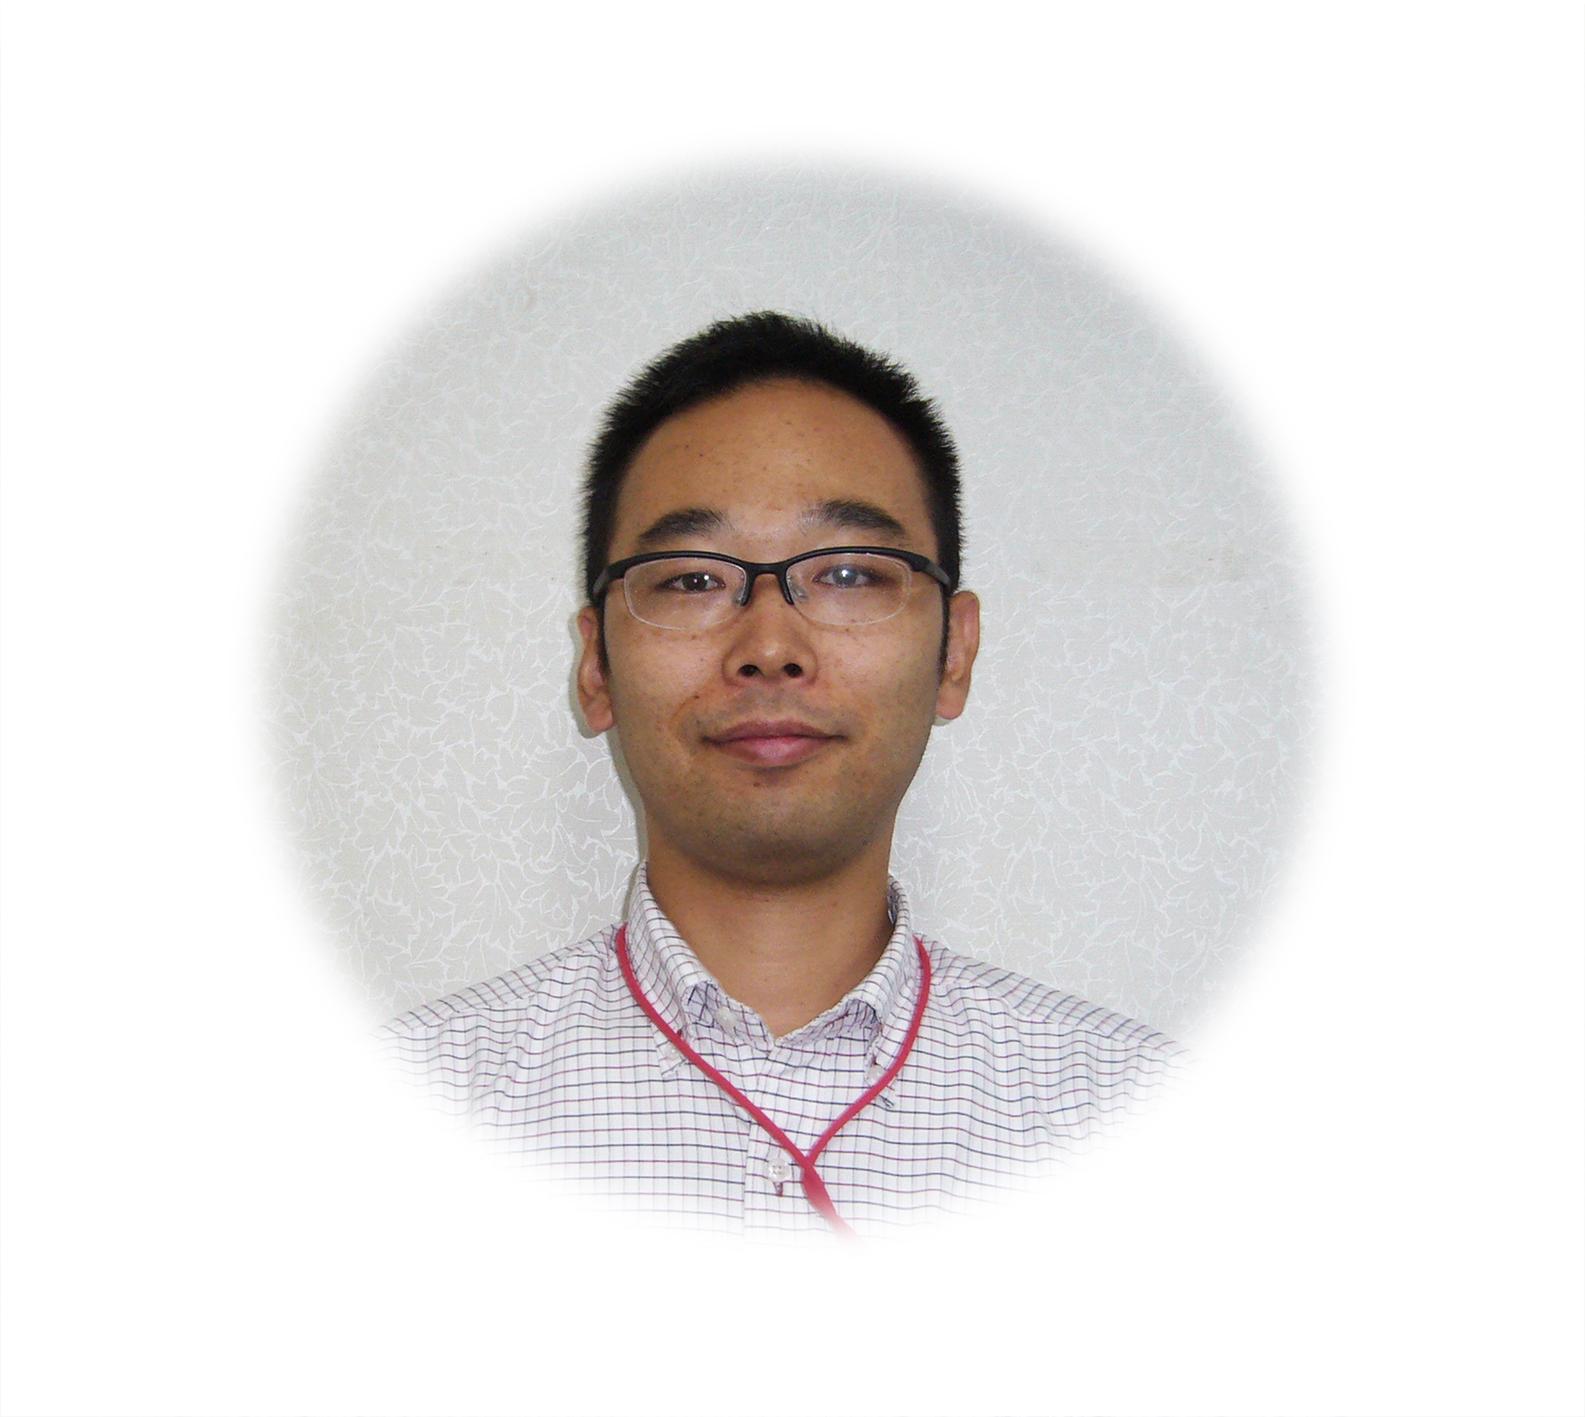 小向施設長(浦和)更新用_解像度調整20190204